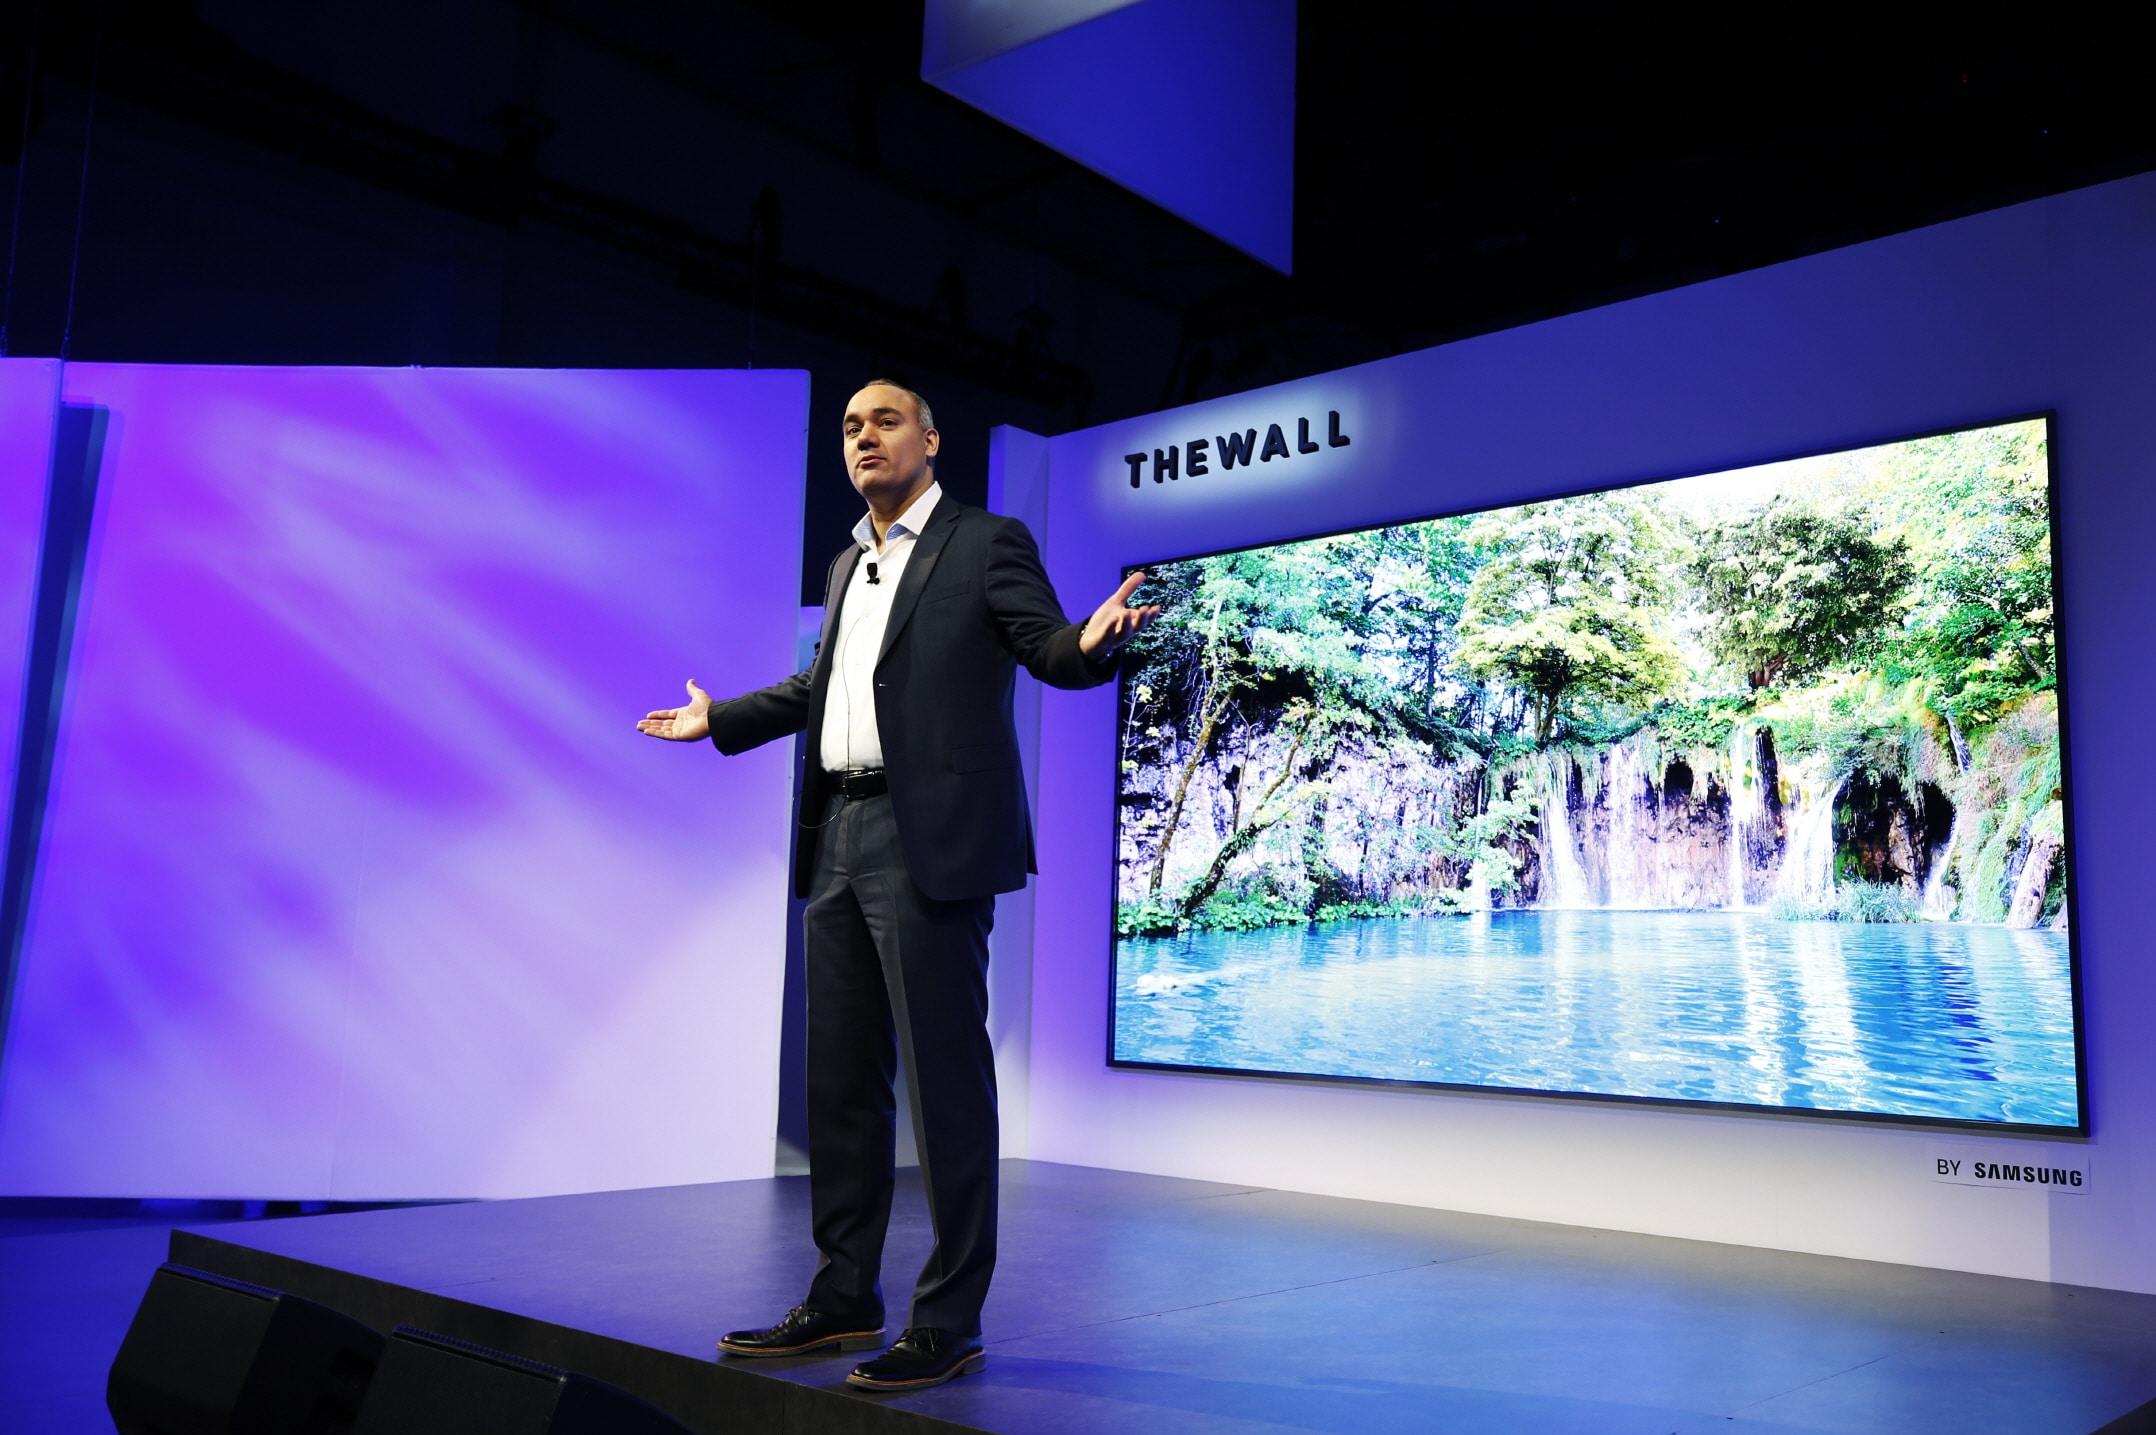 """Photo of Samsung """"The Wall"""": Modularer 146-Zoll-Fernseher macht die Wand zum Display"""